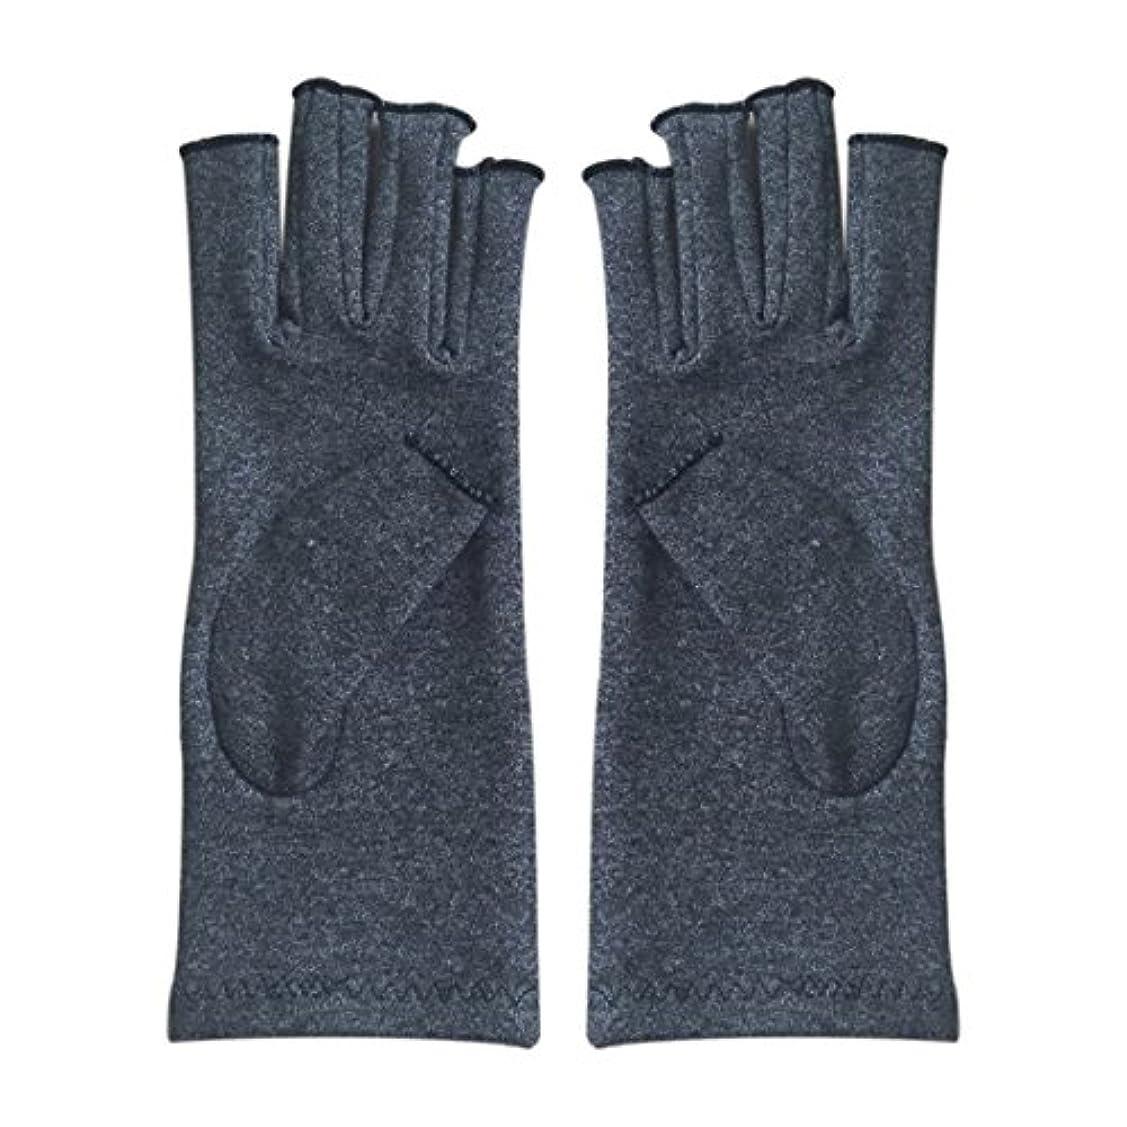 ゆりかごあからさまおなじみのCUHAWUDBA 1ペア成人男性女性用弾性コットンコンプレッション手袋手関節炎関節痛鎮痛軽減S -灰色、S